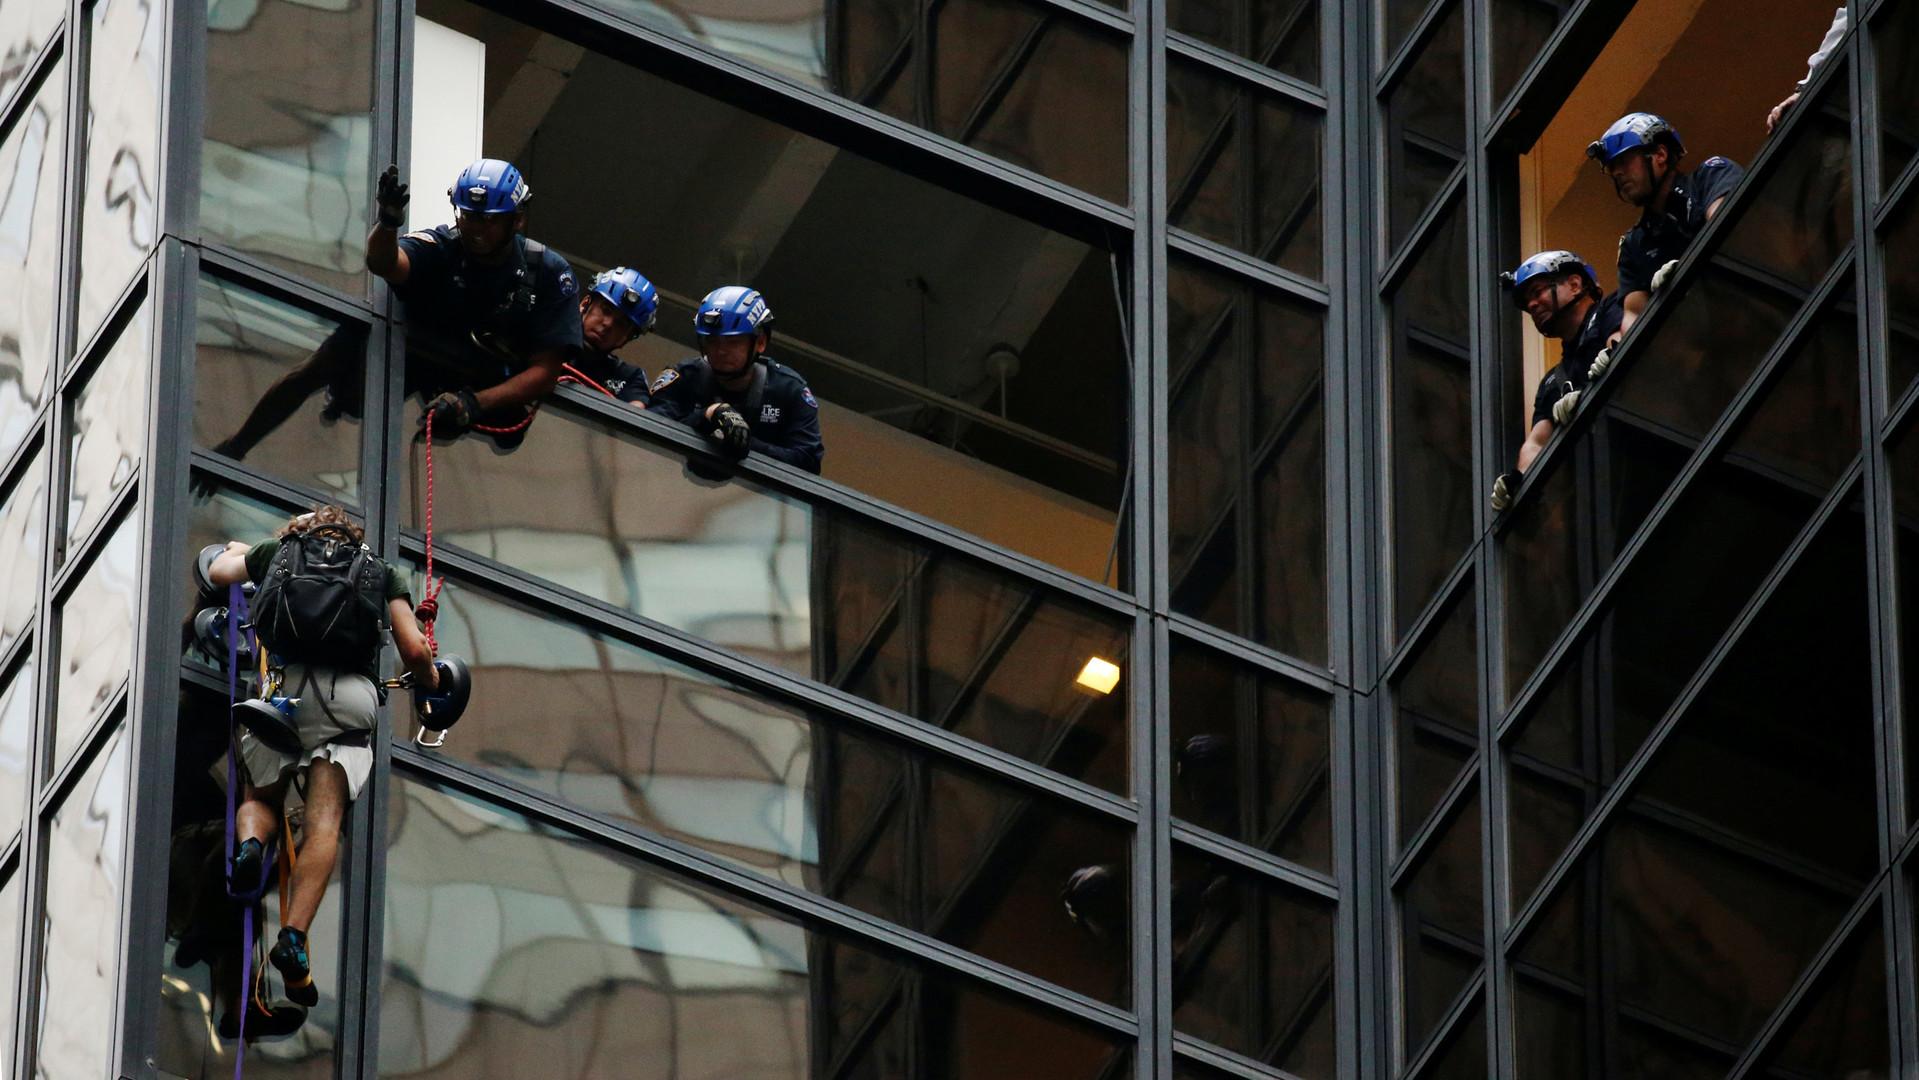 Мужчина взбирается на «башню Трампа» с помощью присосок, чтобы встретиться с миллиардером